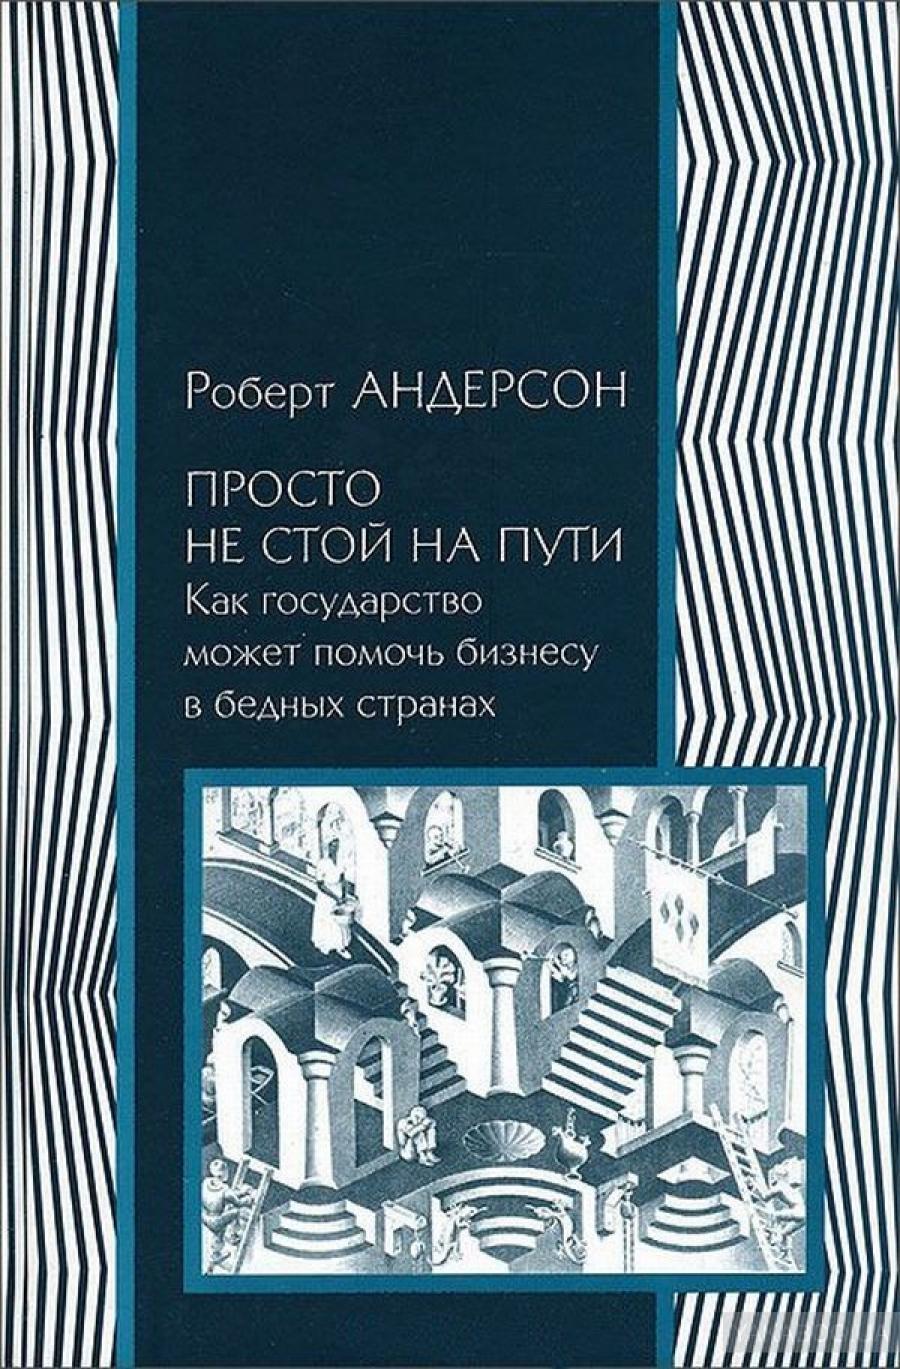 Обложка книги:  котликофф л., бернс с. - пенсионная система перед бурей